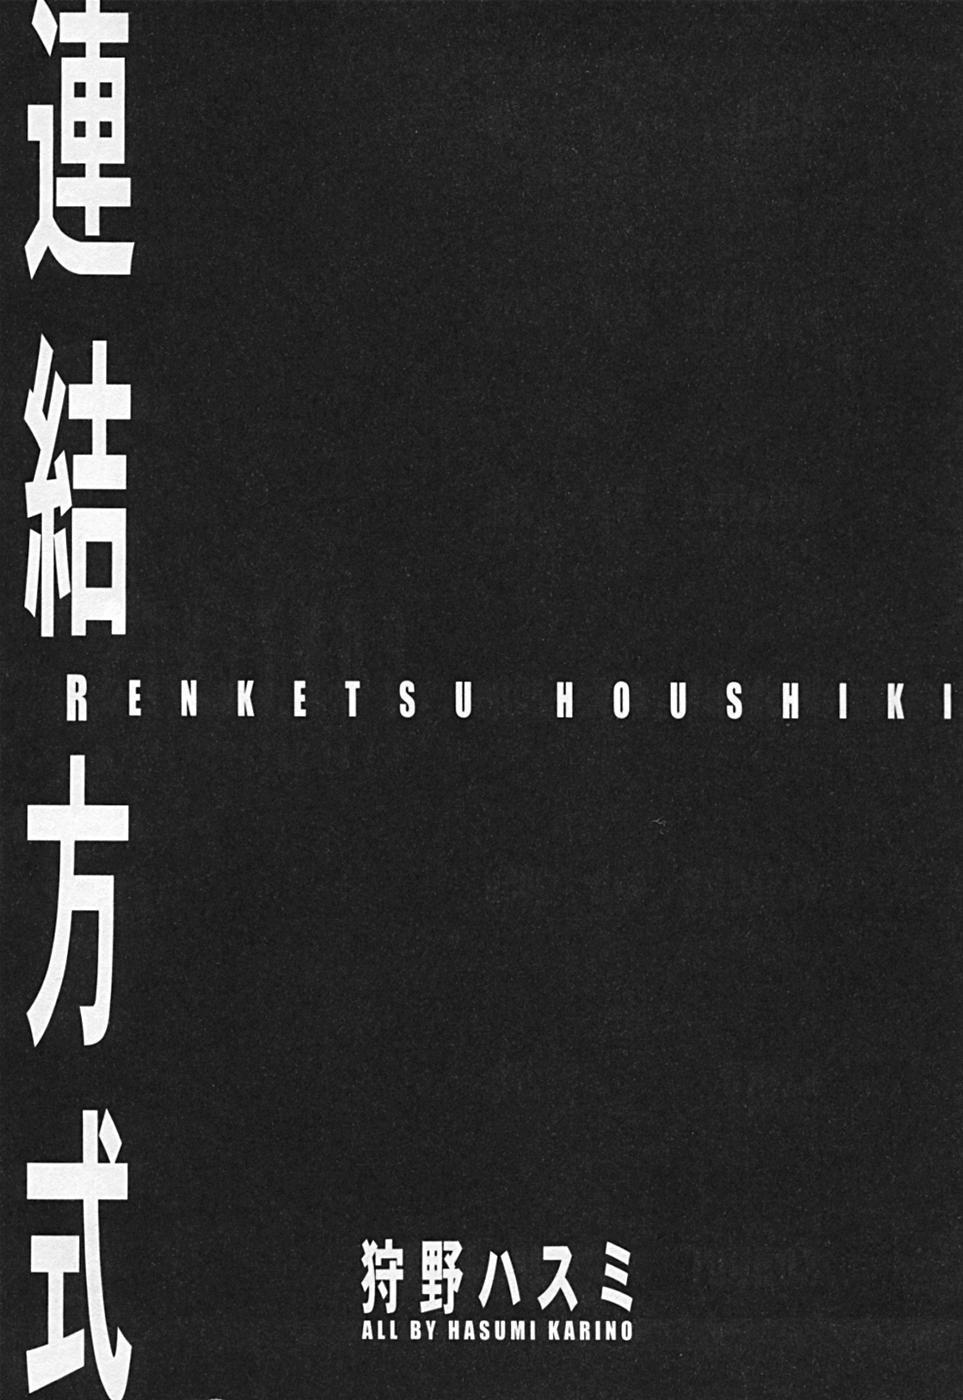 Renketsu houshiki 8